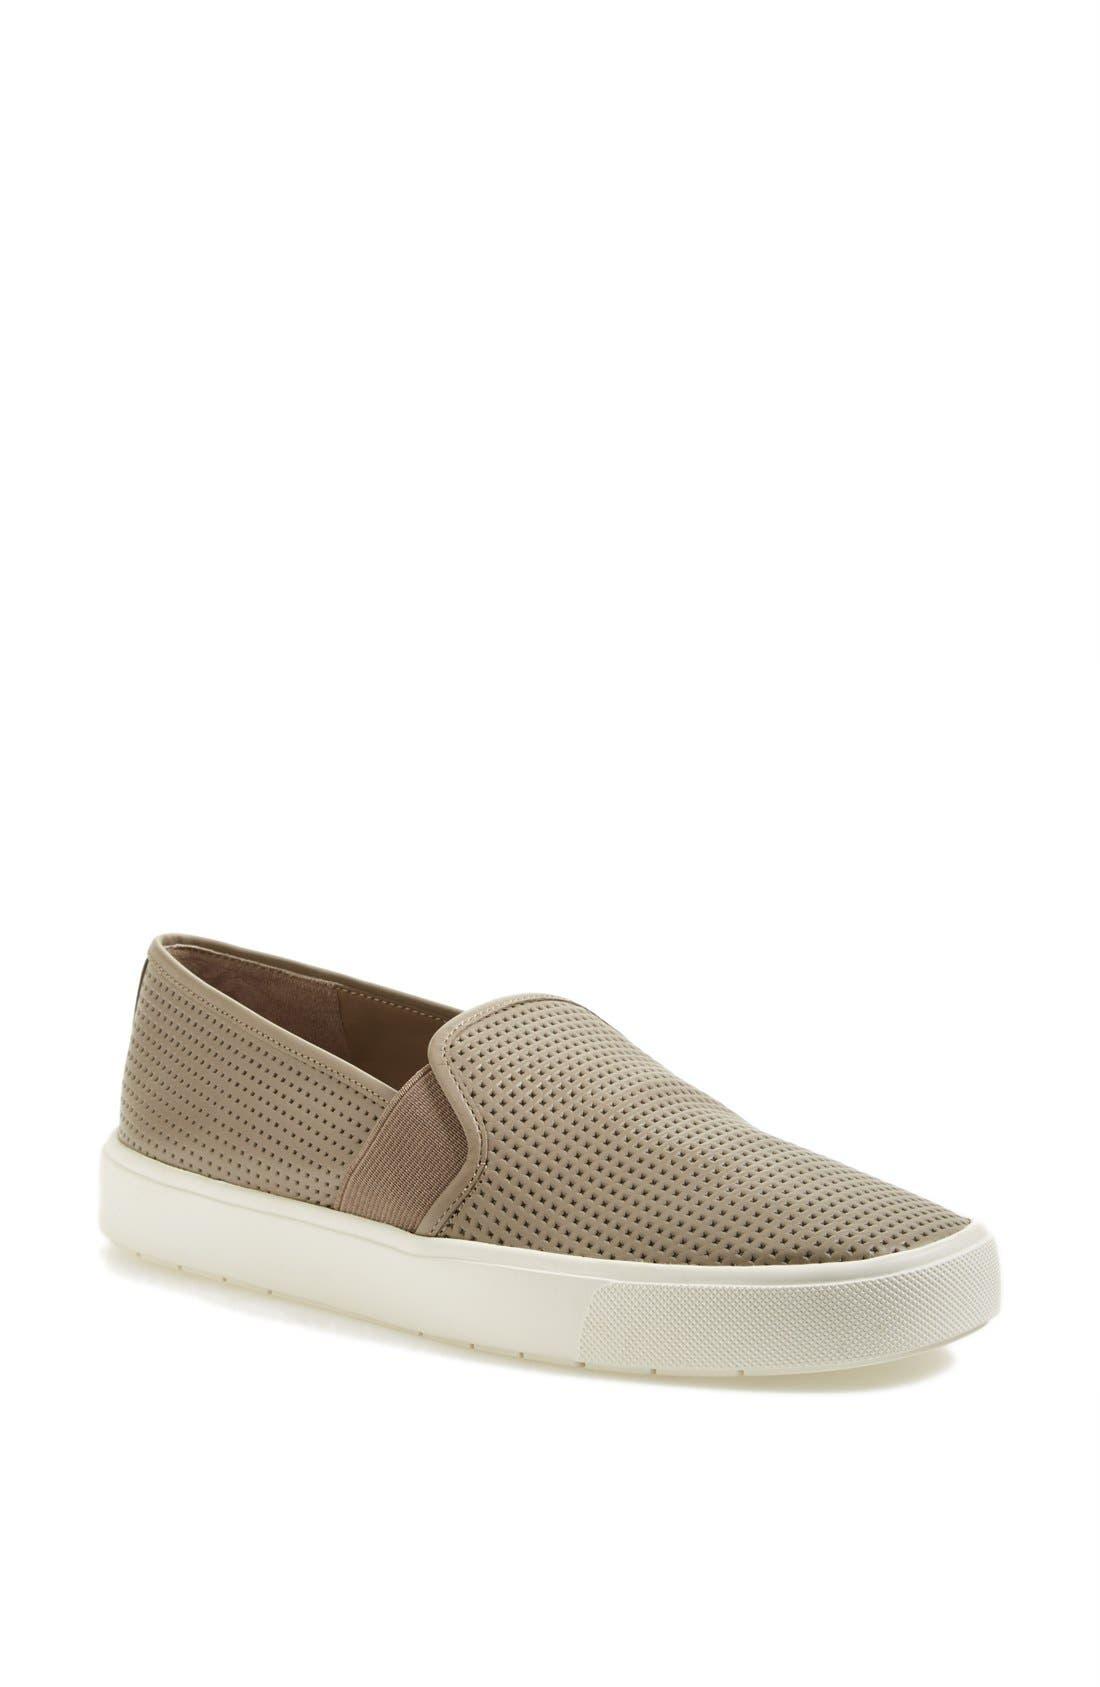 Vince Blair 5 Slip-On Sneaker, Beige